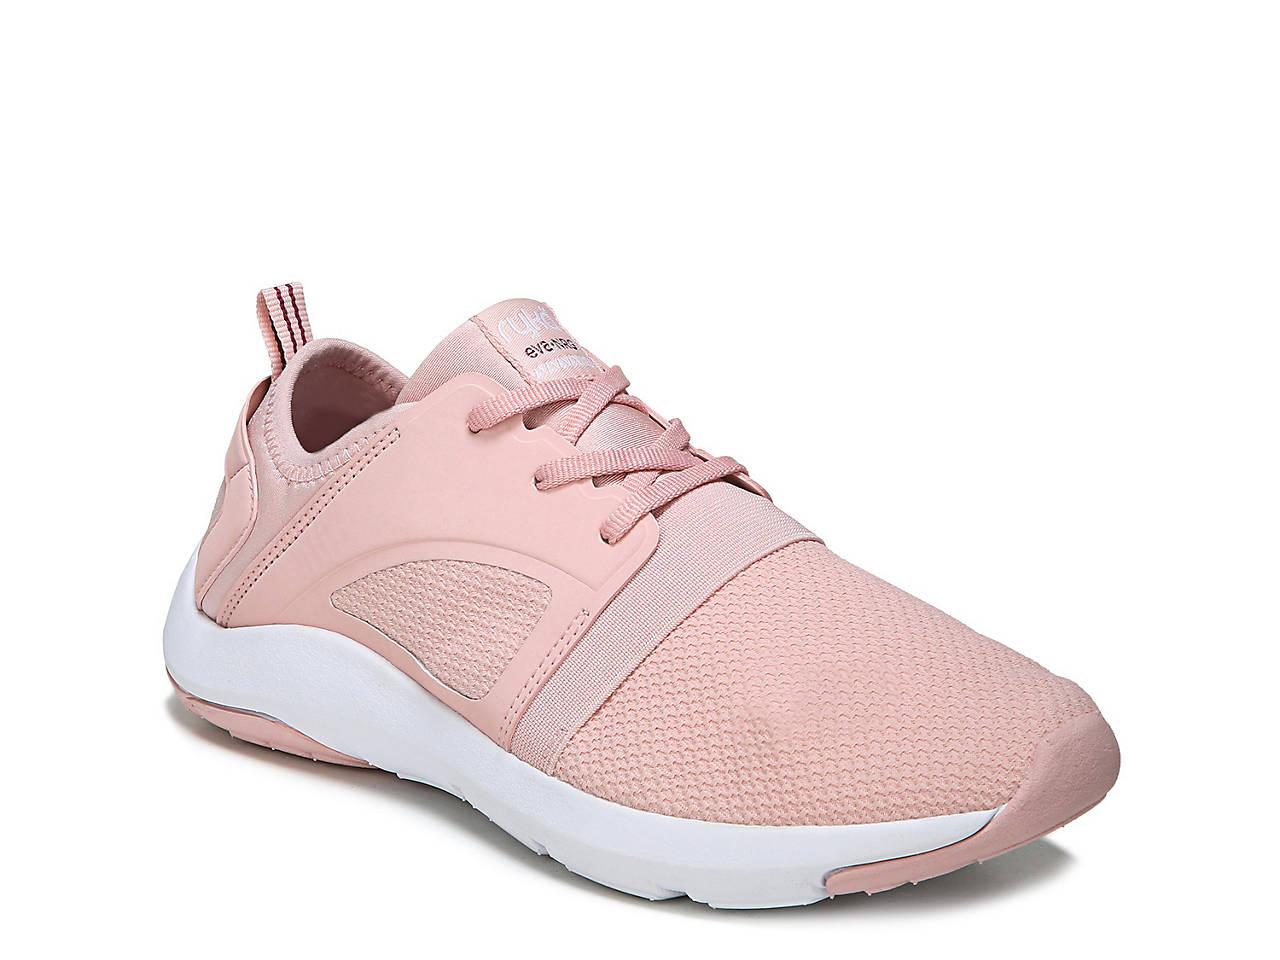 4b1a1e29304a Ryka EVA NRG Training Shoe - Women s Women s Shoes